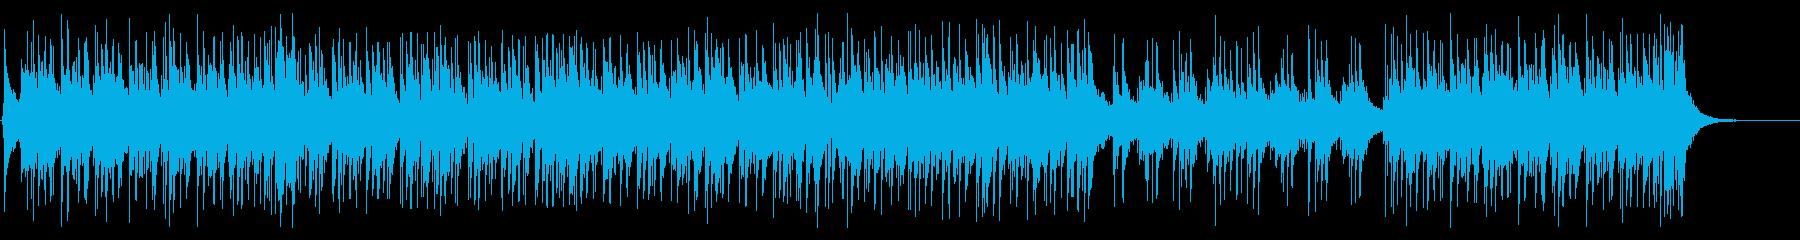 ピアノトリオのアグレッシブなラテンジャズの再生済みの波形